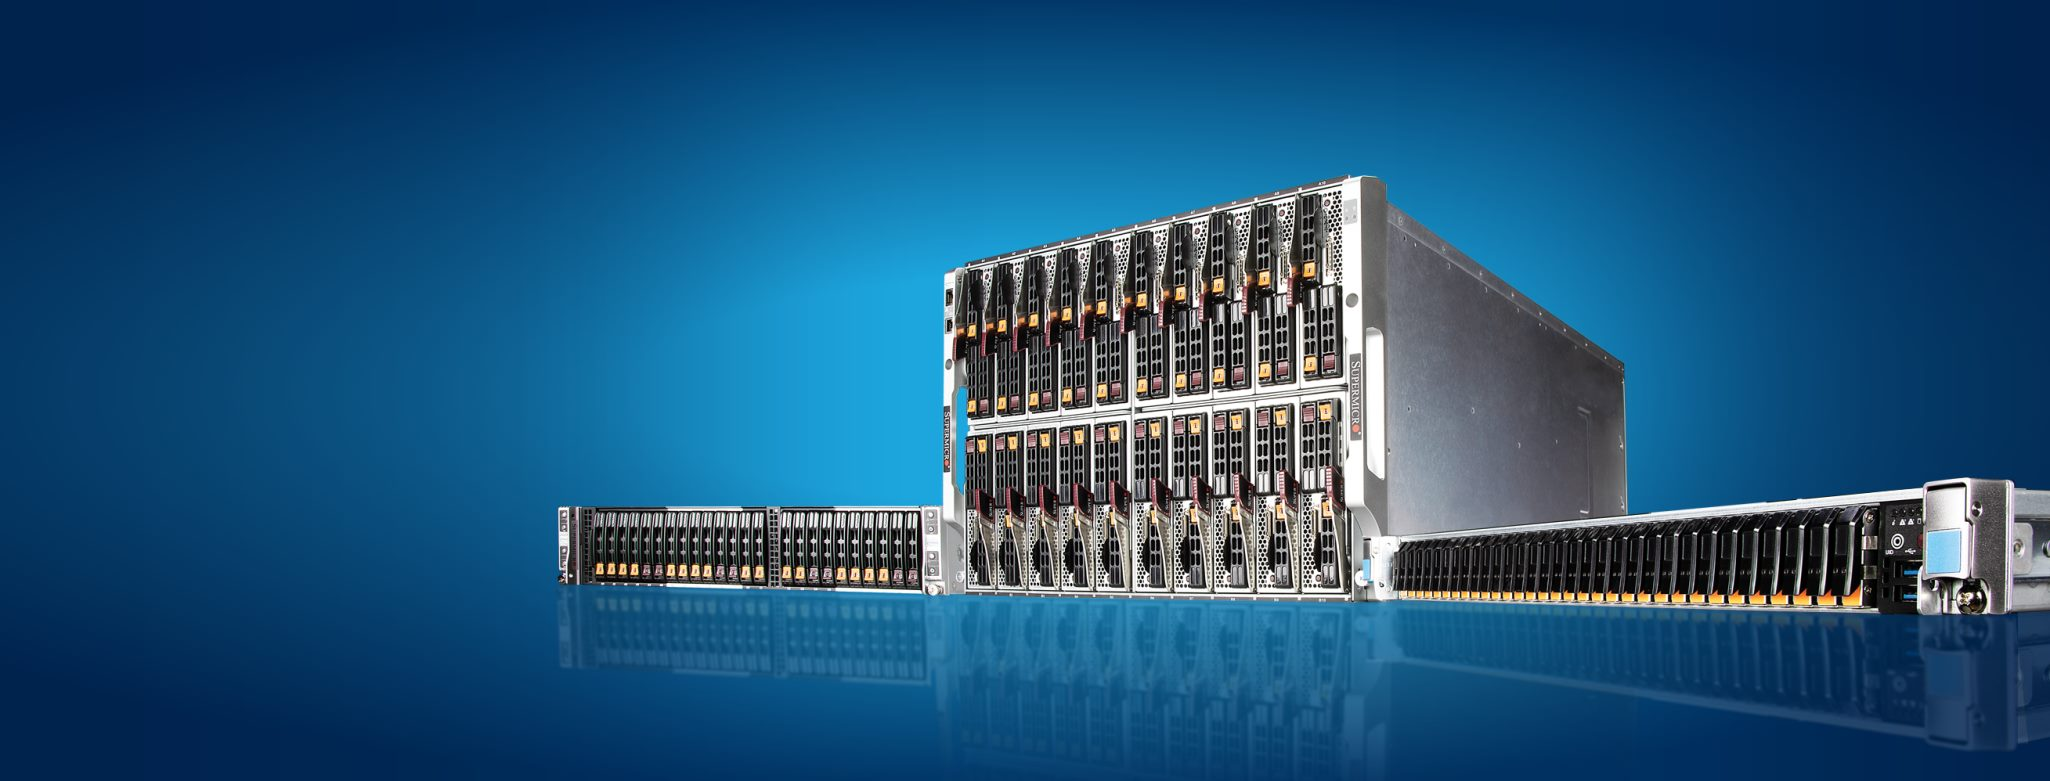 сервер supermicro, купить сервер supermicro